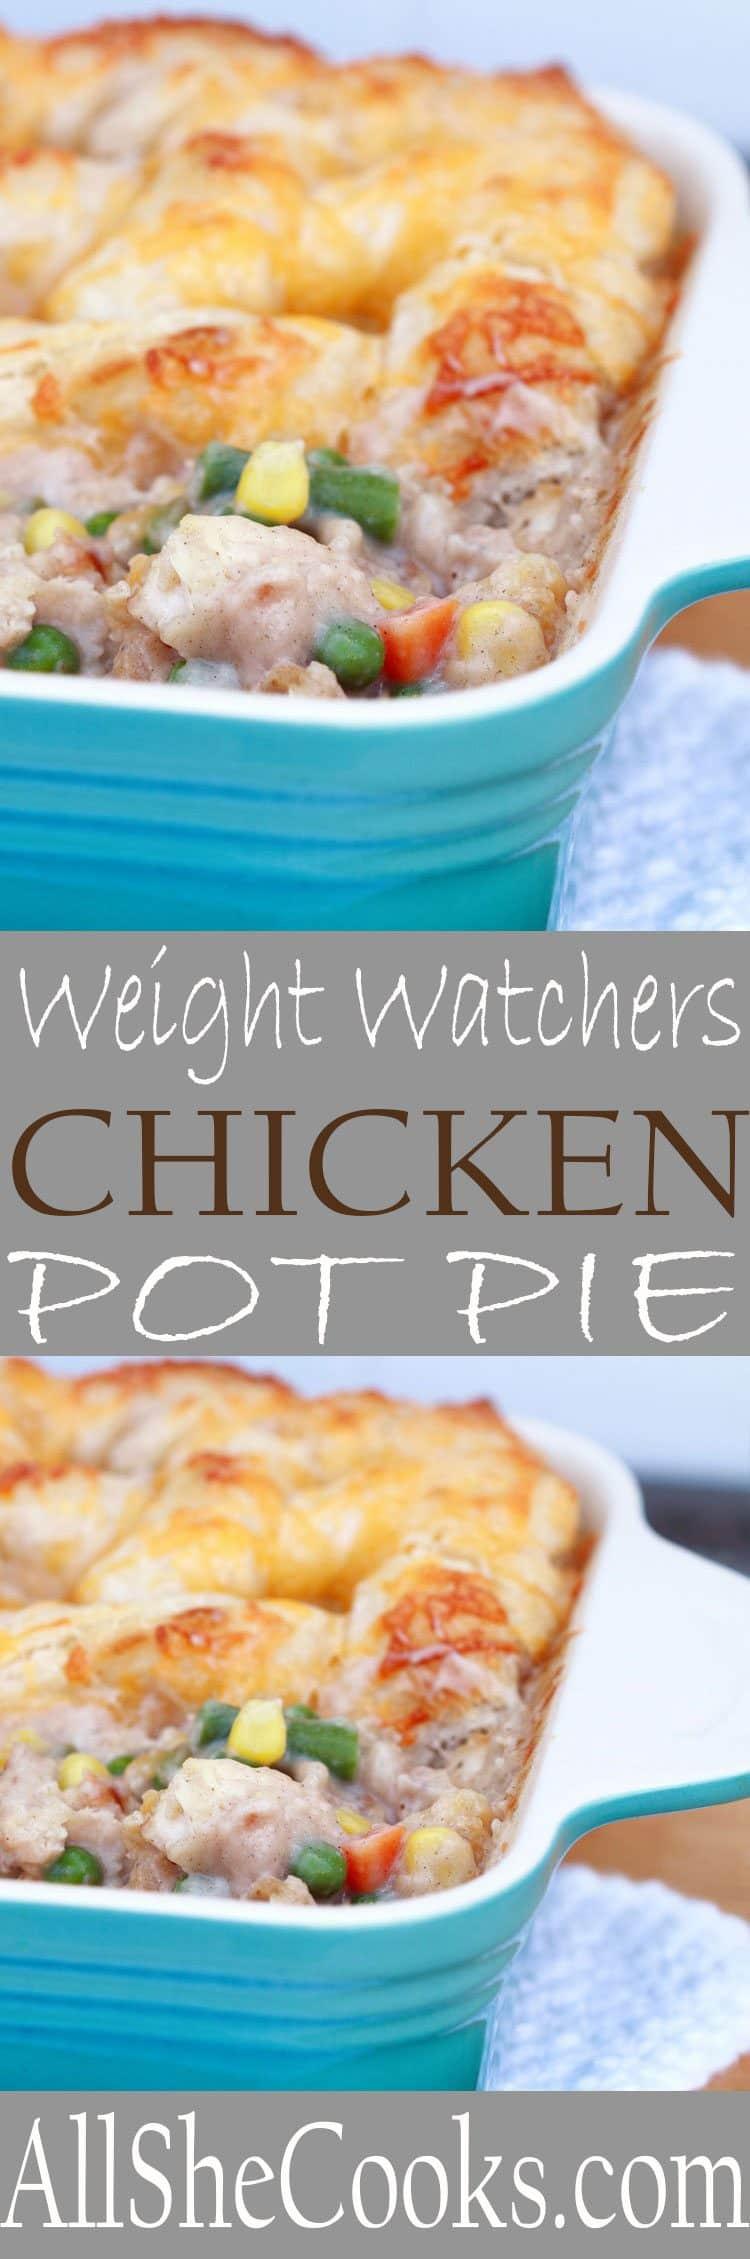 Low Calorie Chicken Pot Pie  Chicken Pot Pie Weight Watchers